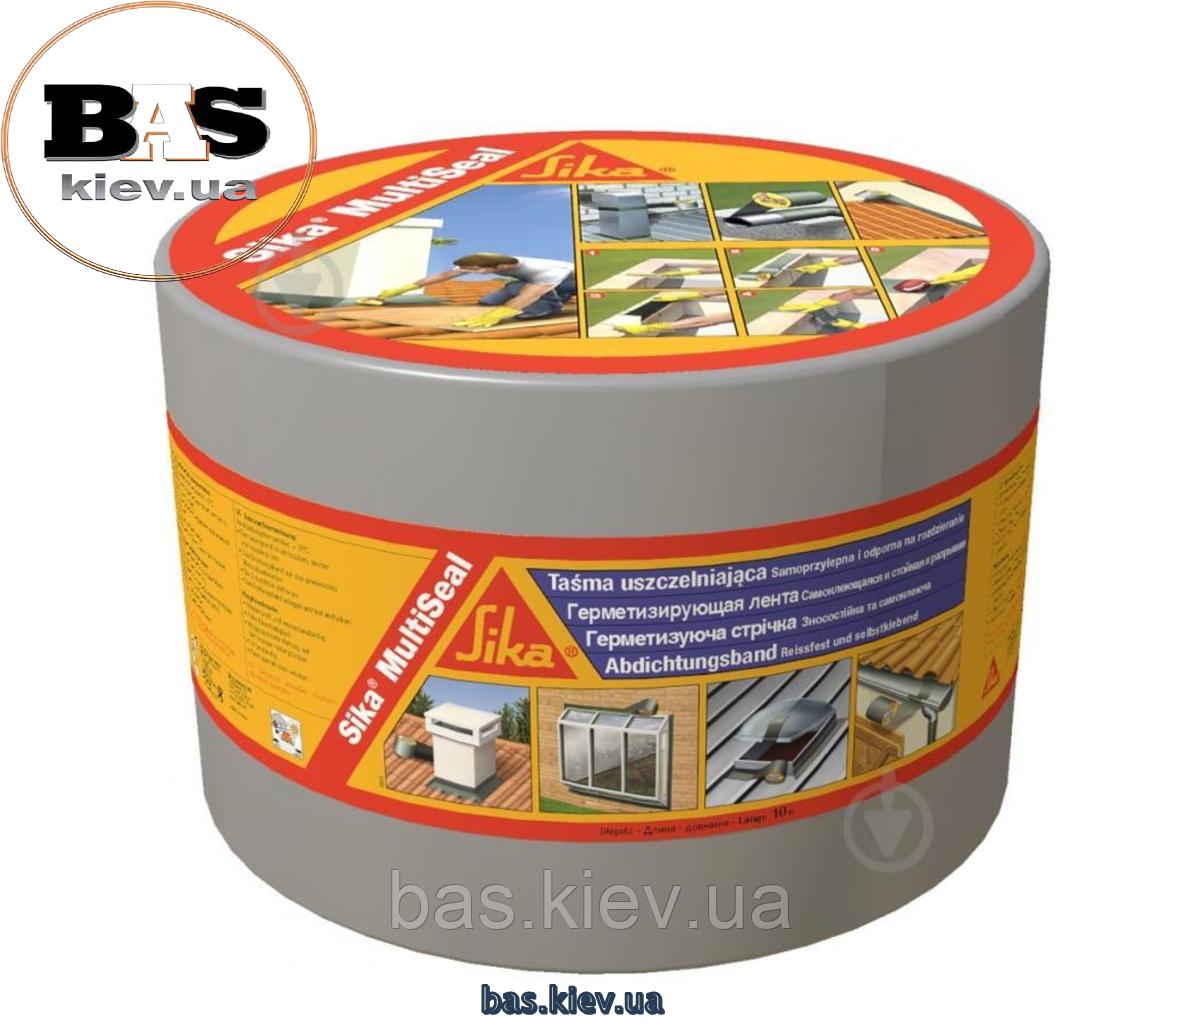 SIKA® MULTISEAL-T Самоклейкая герметизирующая битумная лента 100мм, 10м